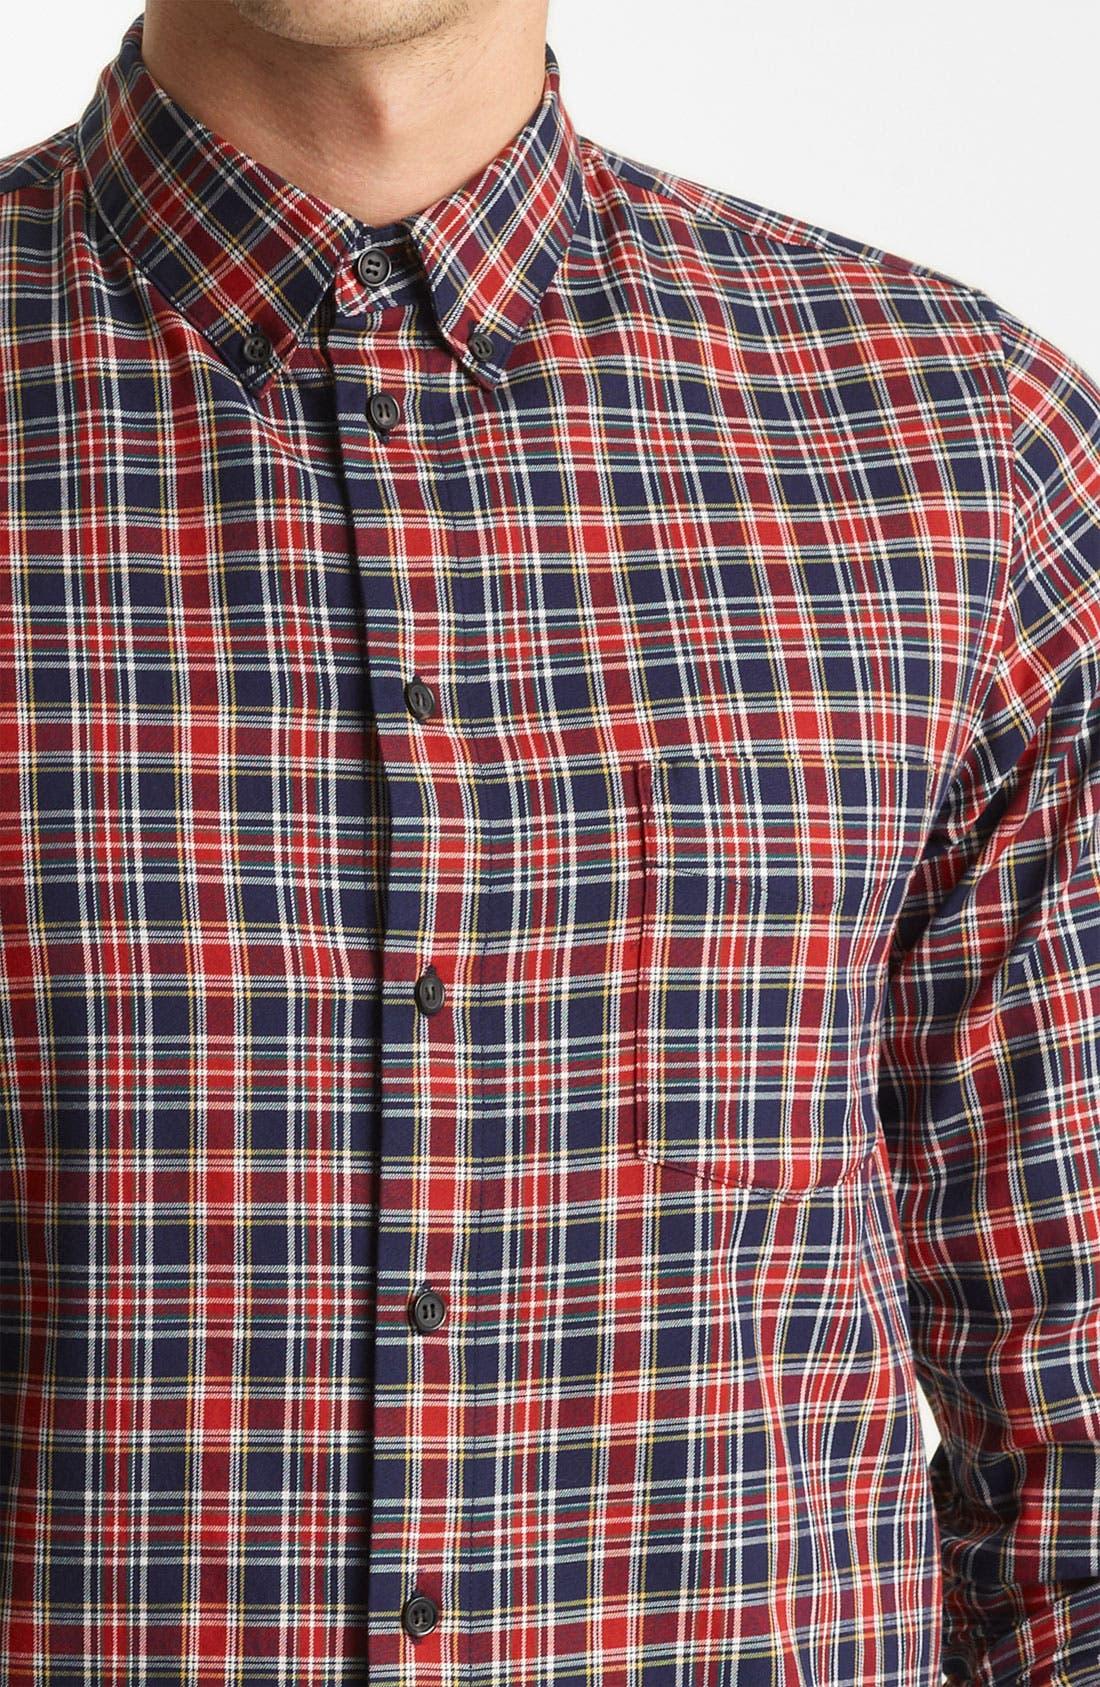 Alternate Image 3  - A.P.C. 'Vintage' Plaid Cotton Shirt